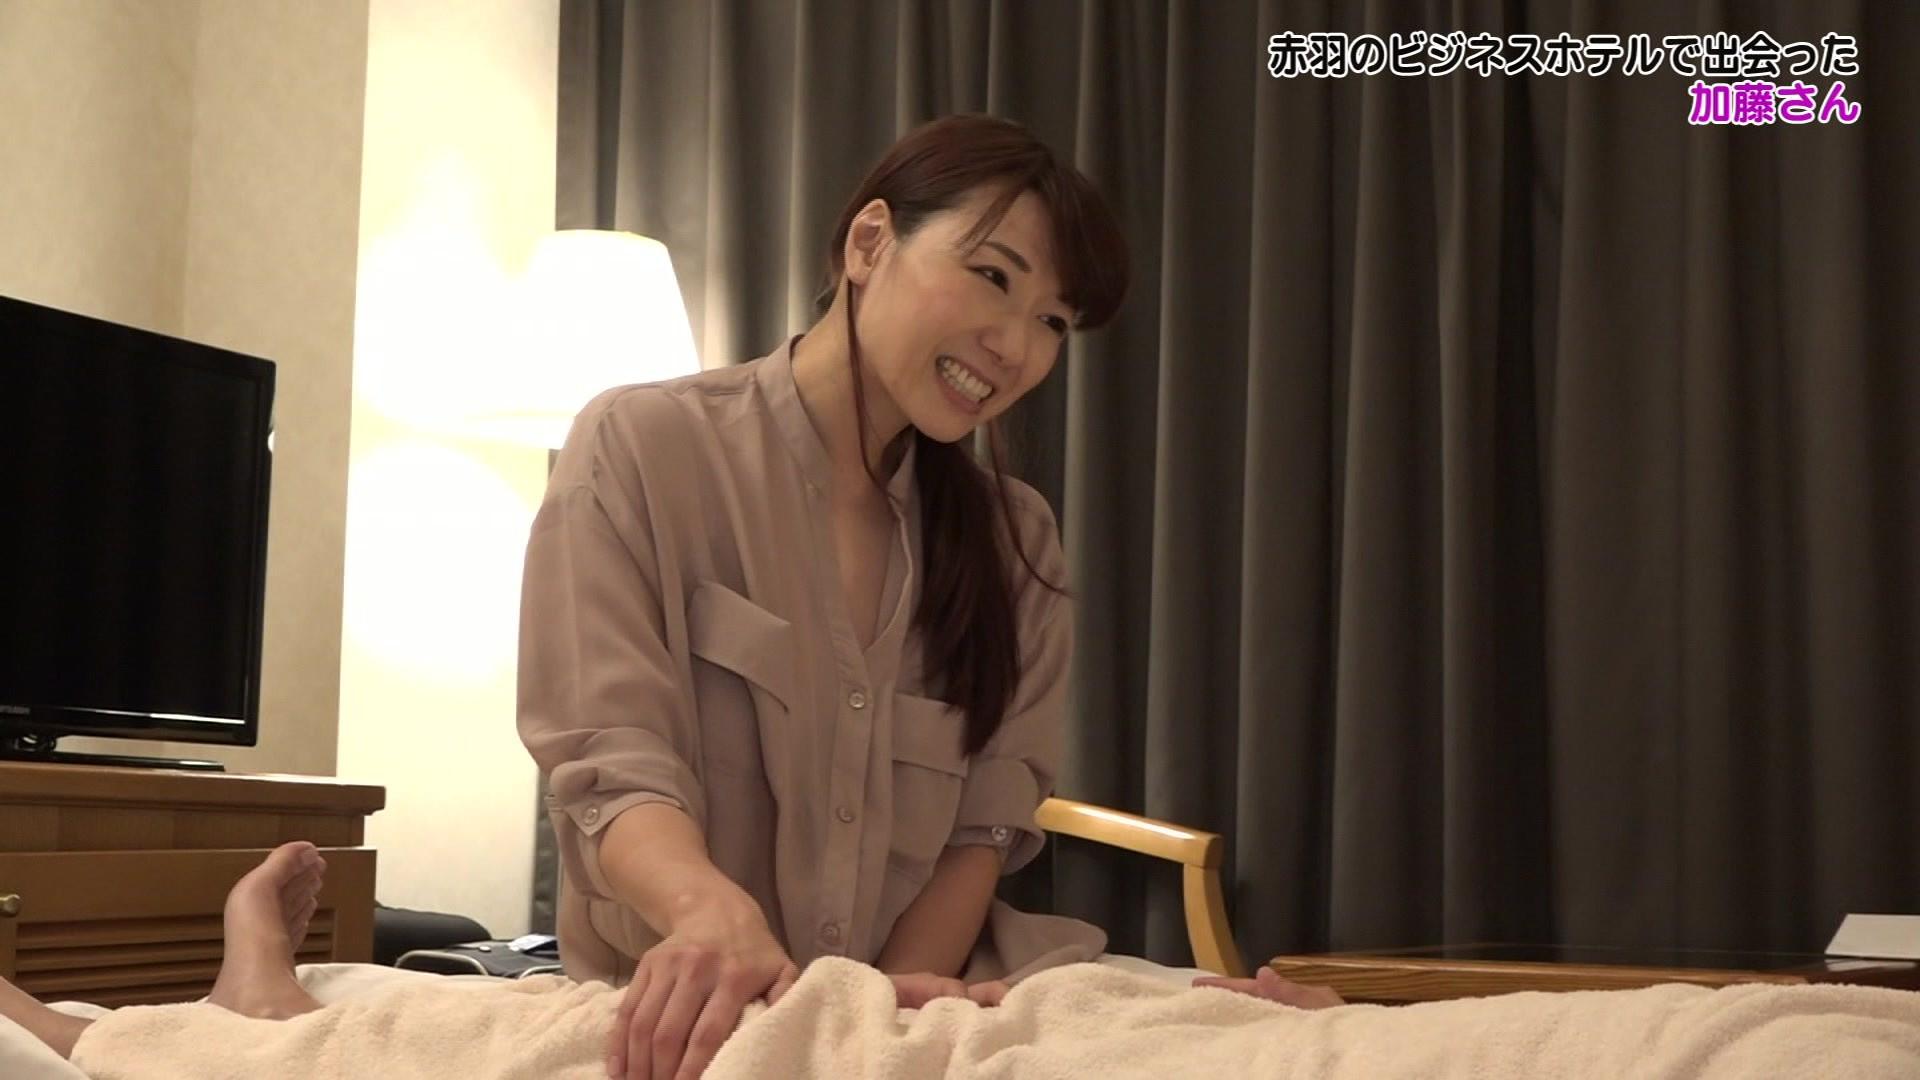 童顔人妻!福井のビジネスホテルで出会った美人マッサージ師・城石さんのおま●こが忘れられないので再び泊まって呼んでみたら中●しできちゃった 画像11